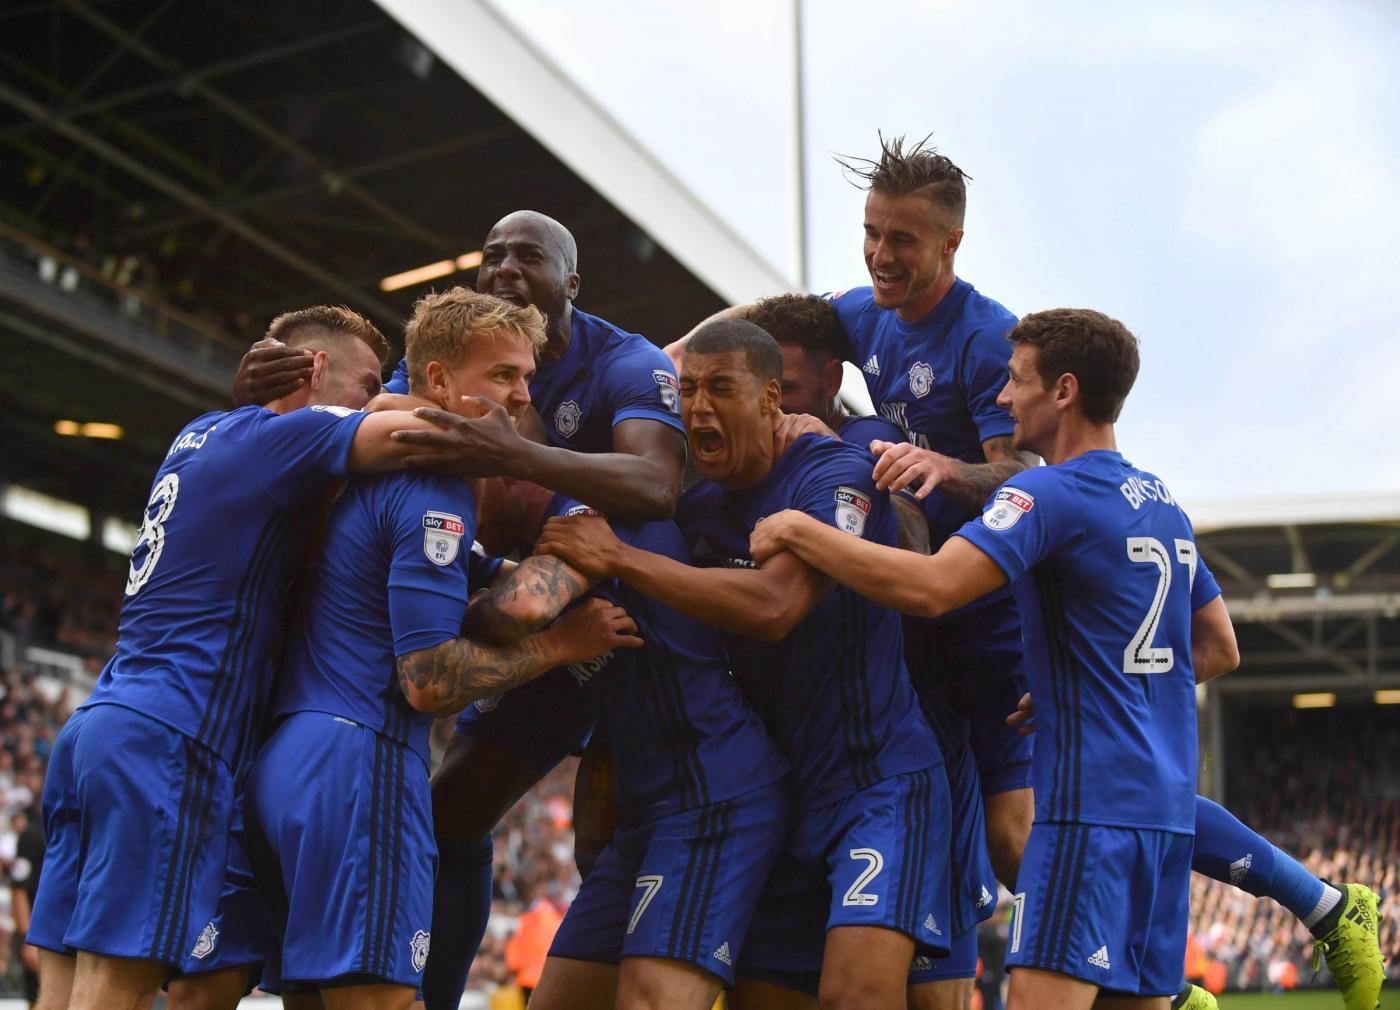 Premier League, Cardiff-Crystal Palace sabato 4 maggio: analisi e pronostico della 37ma giornata del campionato inglese